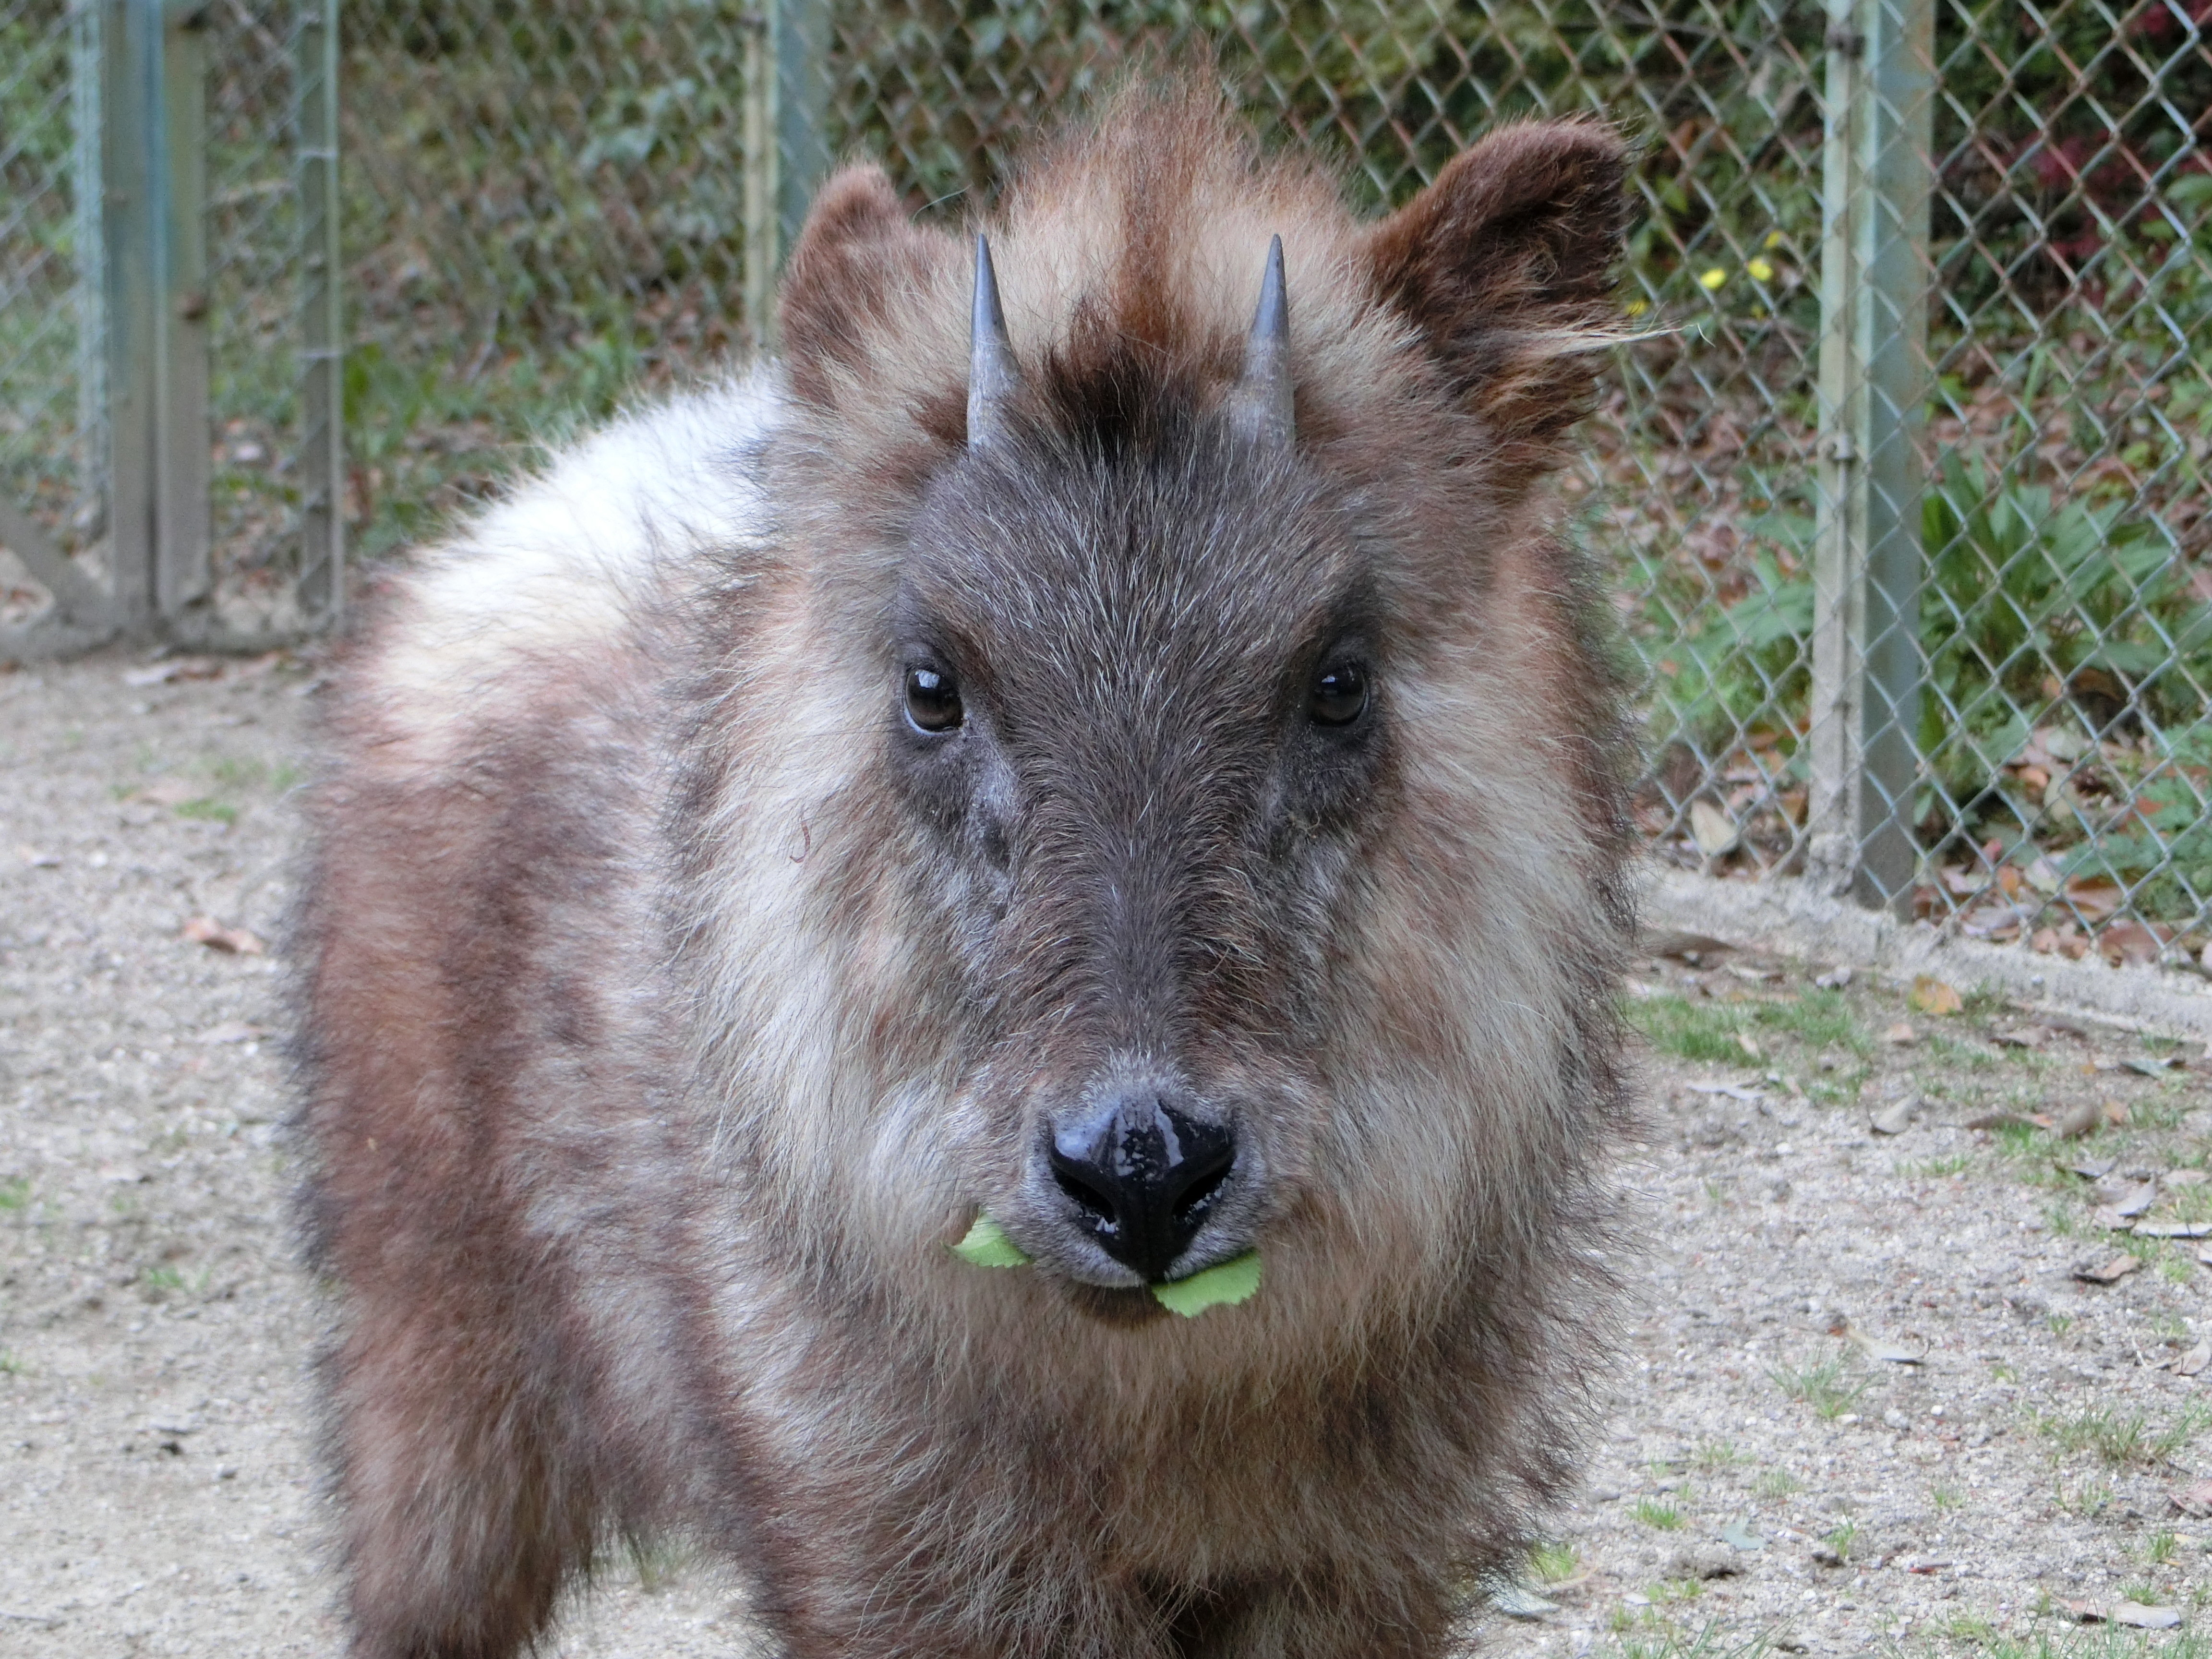 http://www.asazoo.jp/animal/blog/CIMG6259.JPG